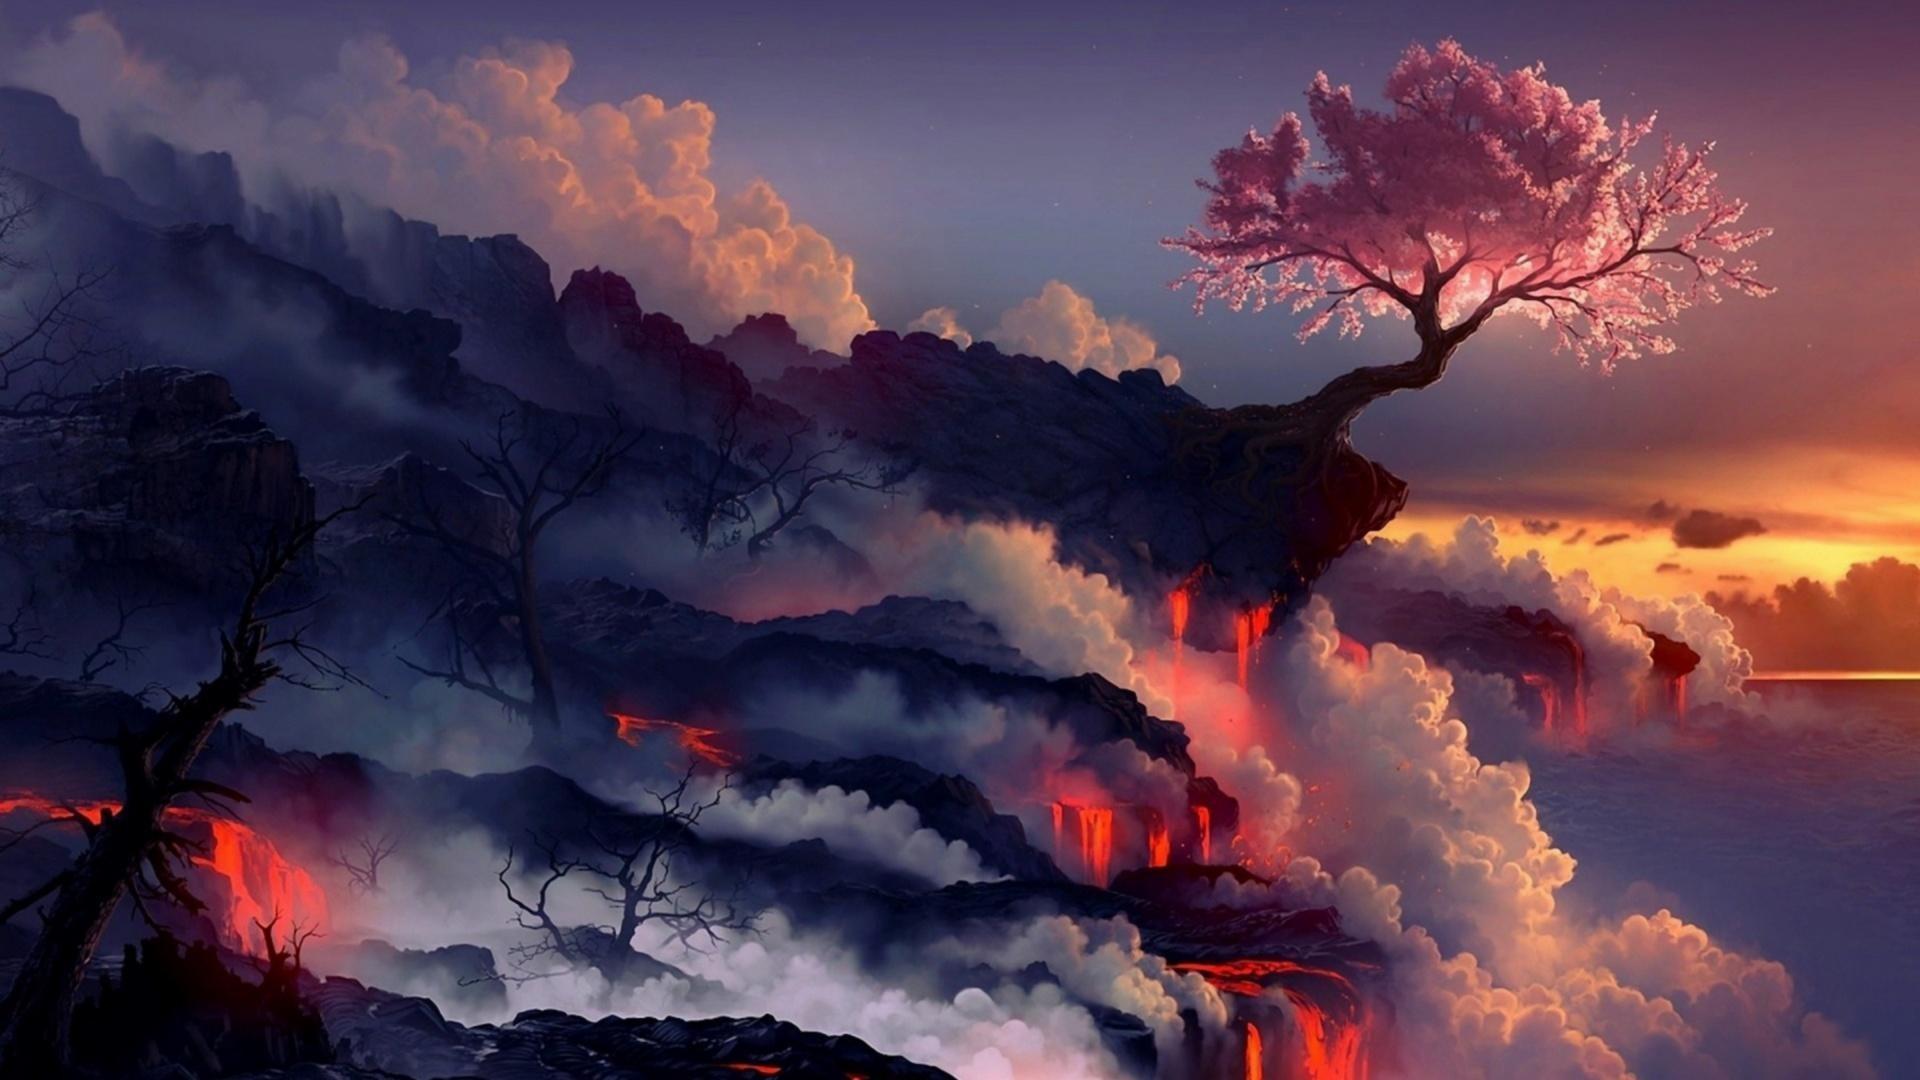 Fantasy-Landscape-Desktop-Pics-wallpaper-wp4006276